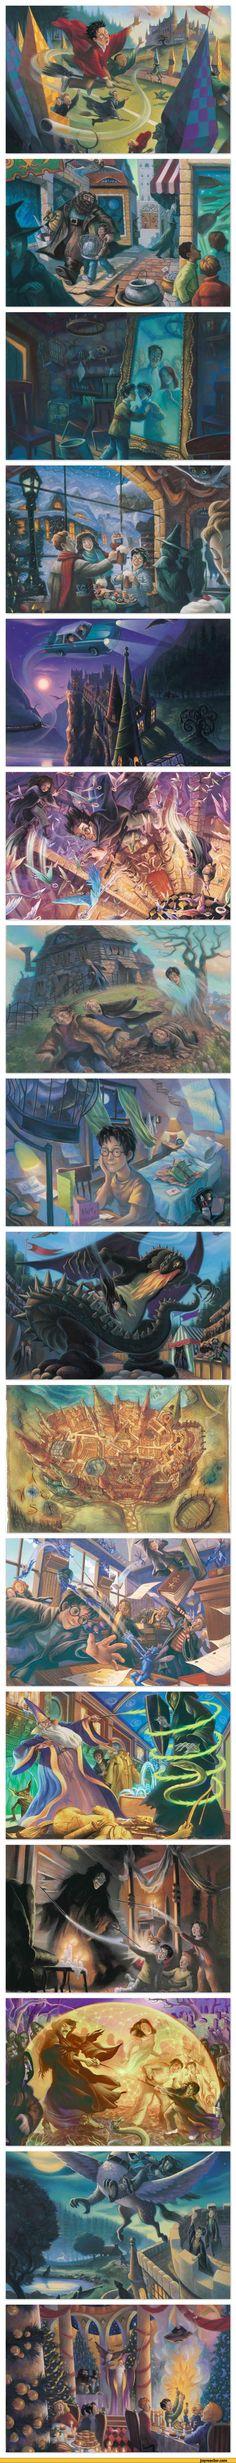 Harry Potter - adventures